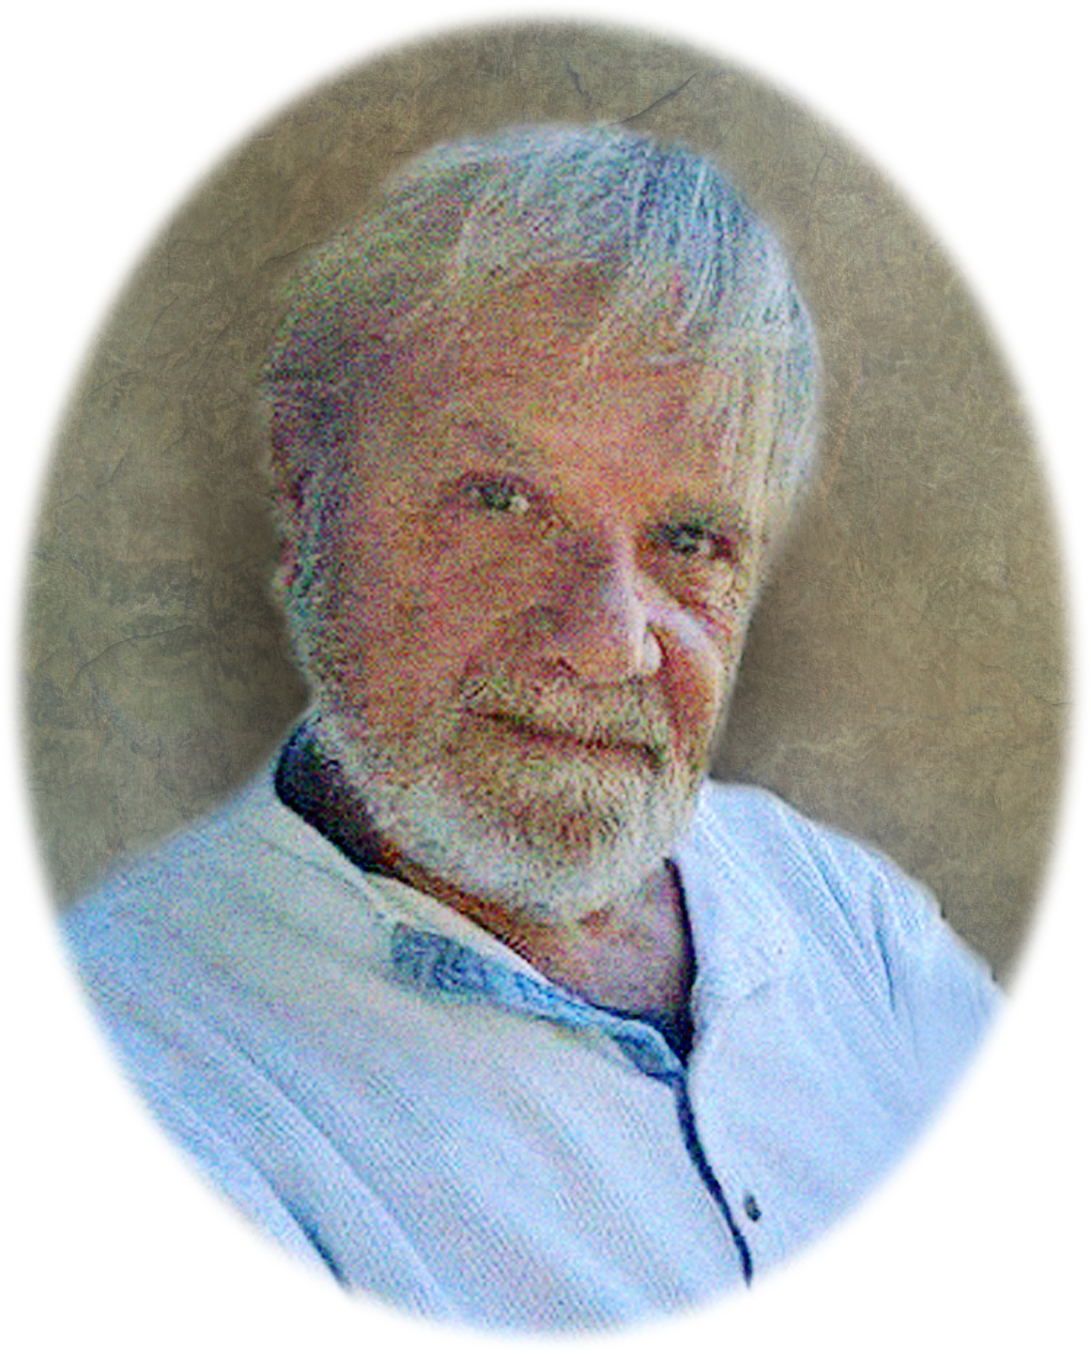 Daniel A. Petersen